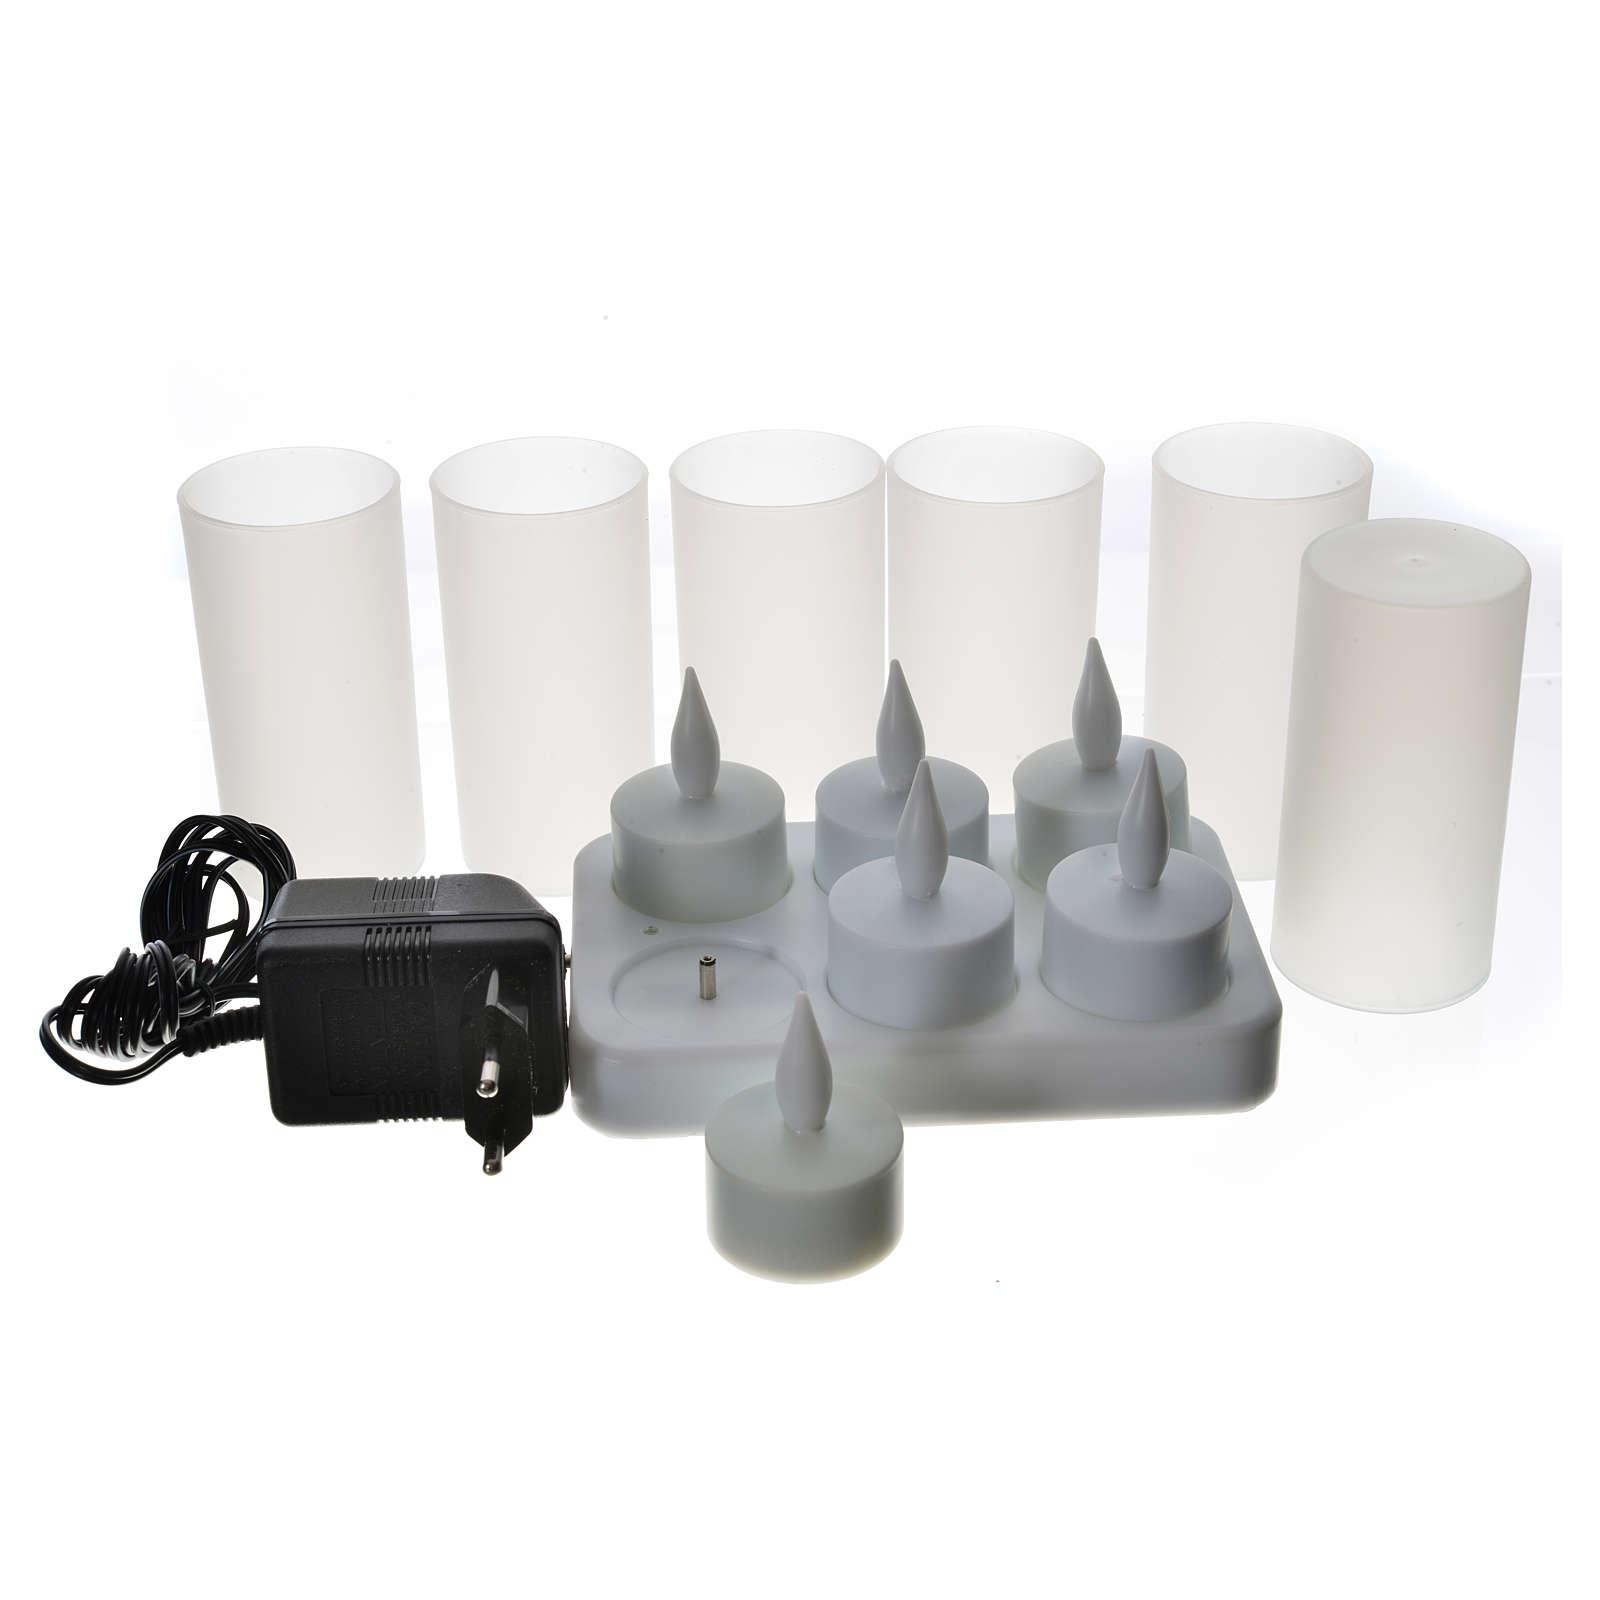 Luces LED tealights recargables 6 piezas 3